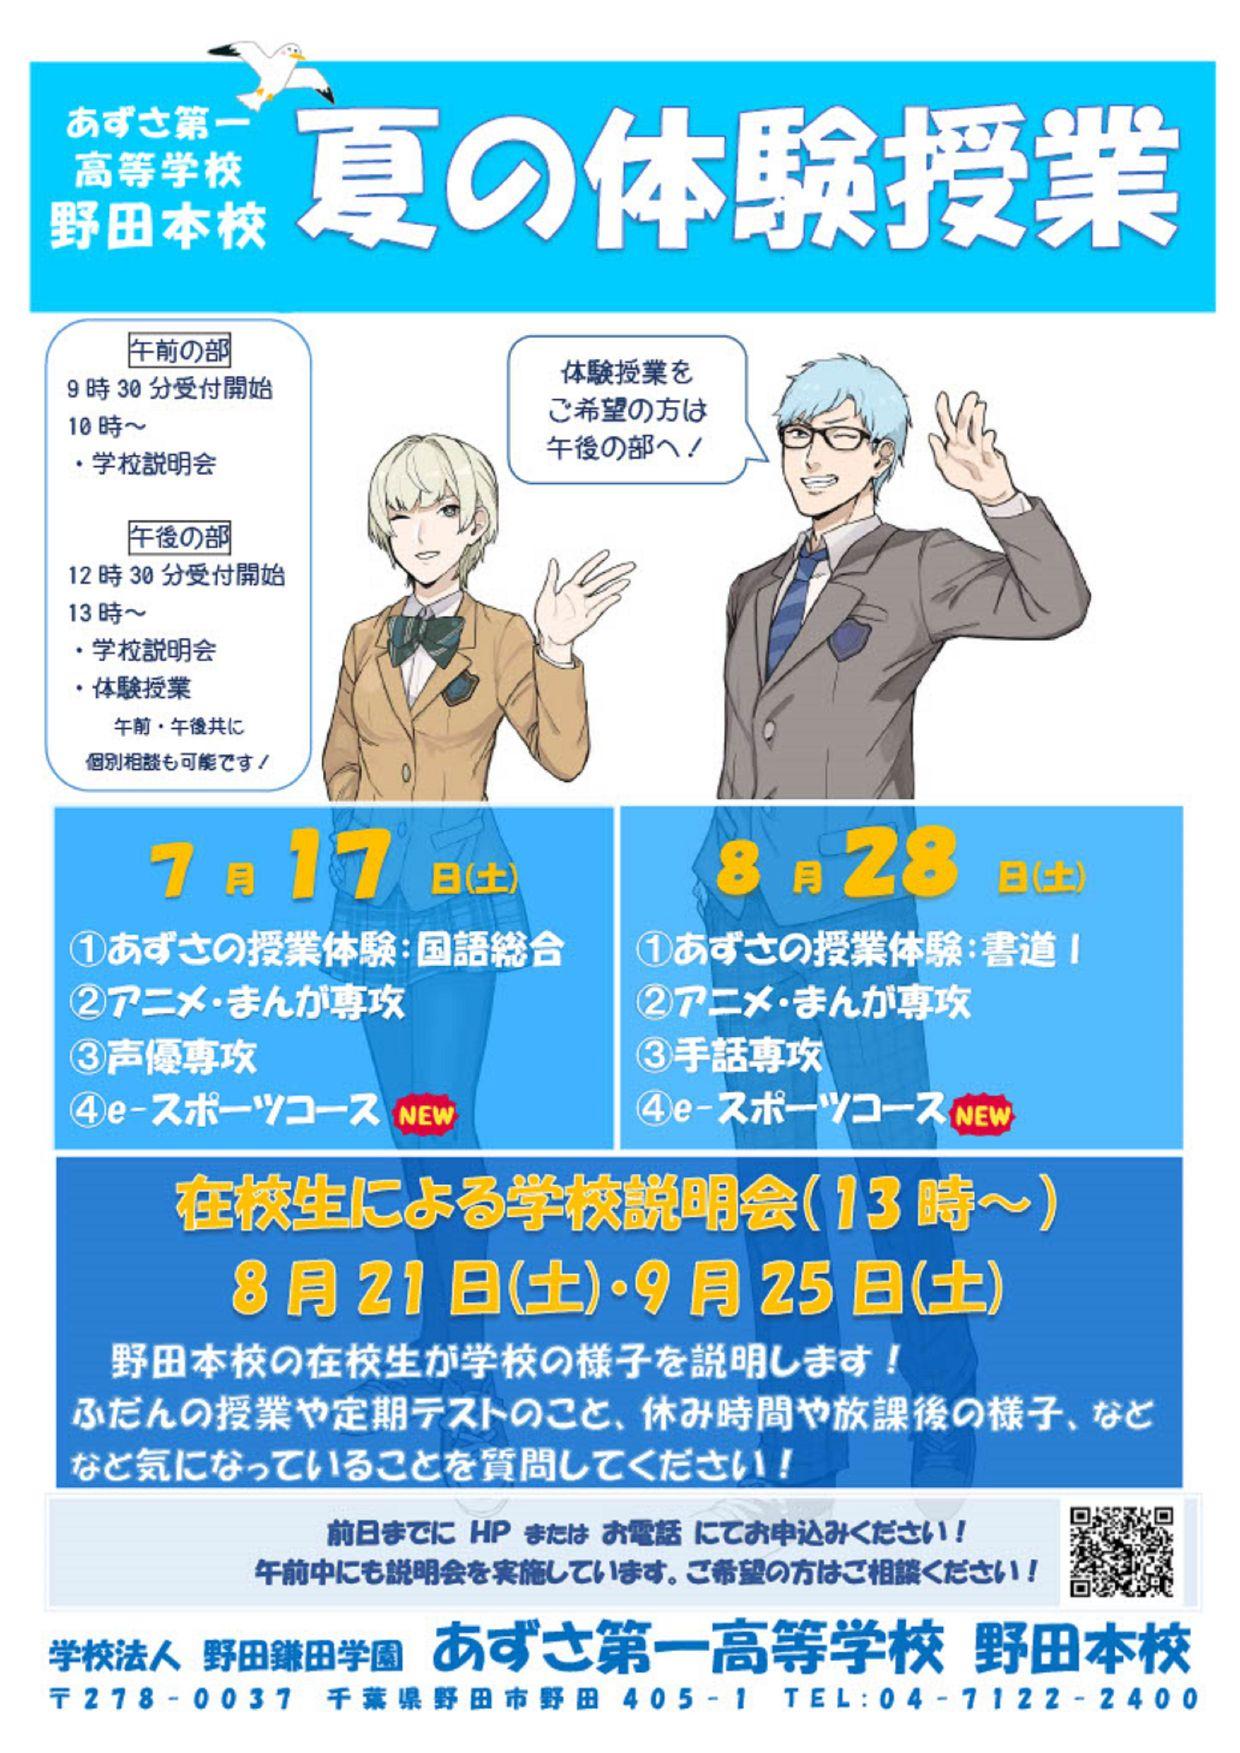 野田キャンパス 学校説明会&夏の体験授業 image1